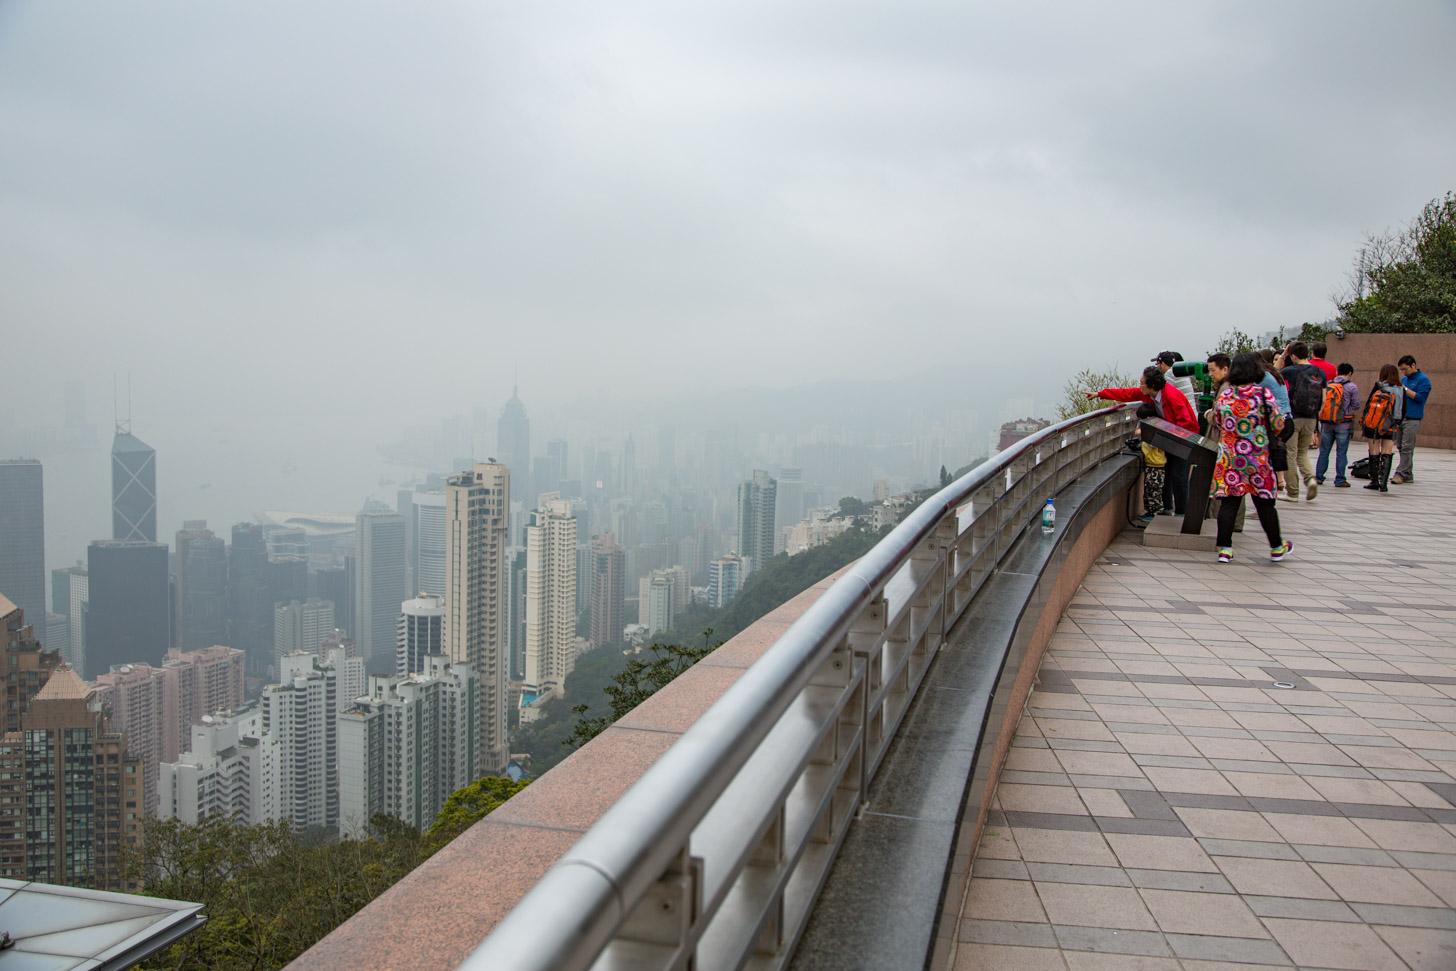 Bewolking kan het uitzicht flink verpesten